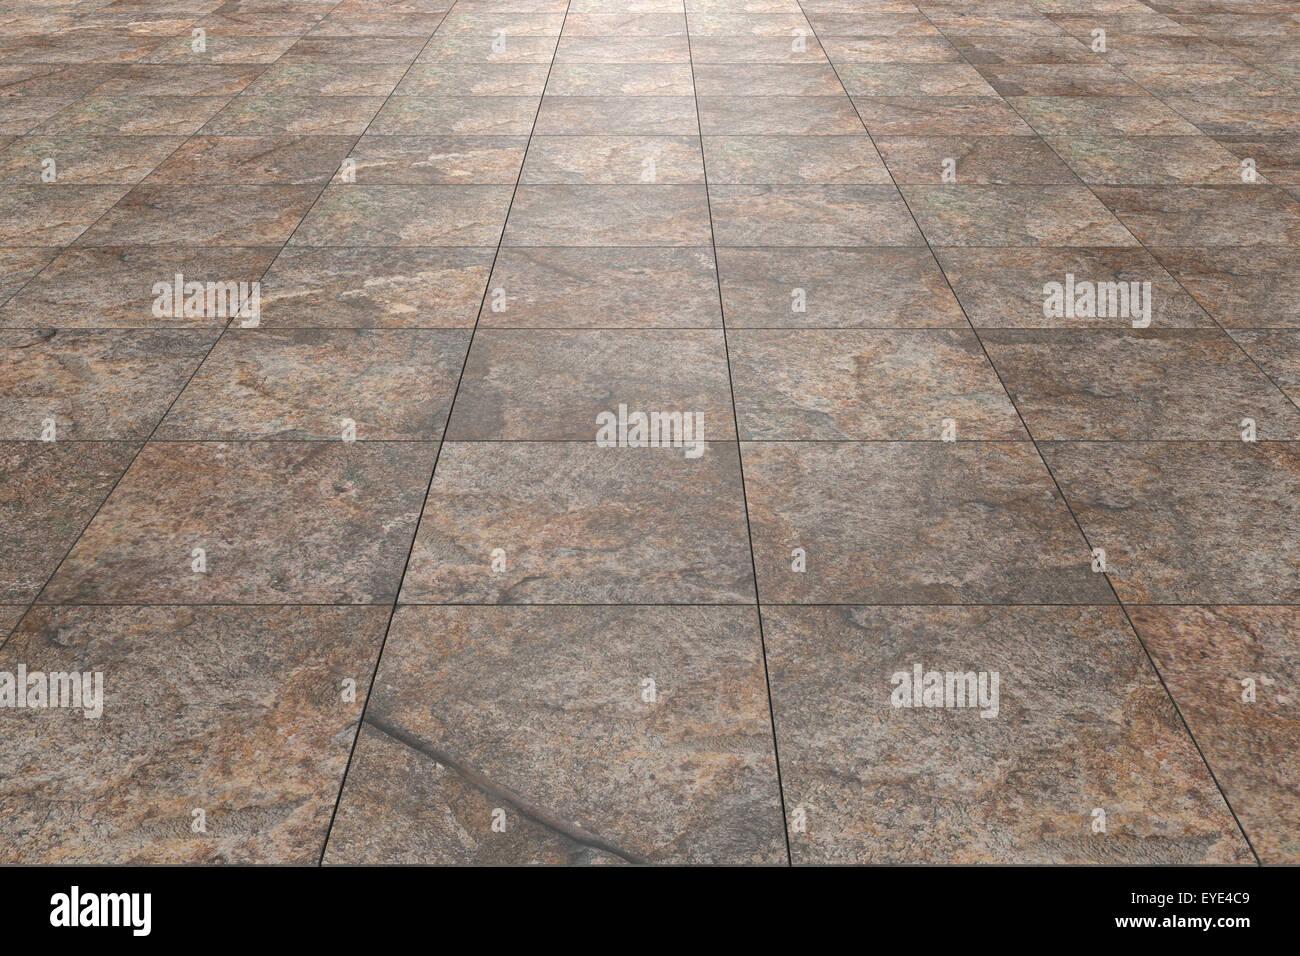 Le rendu 3D d'un plancher de carreaux rustiques Photo Stock